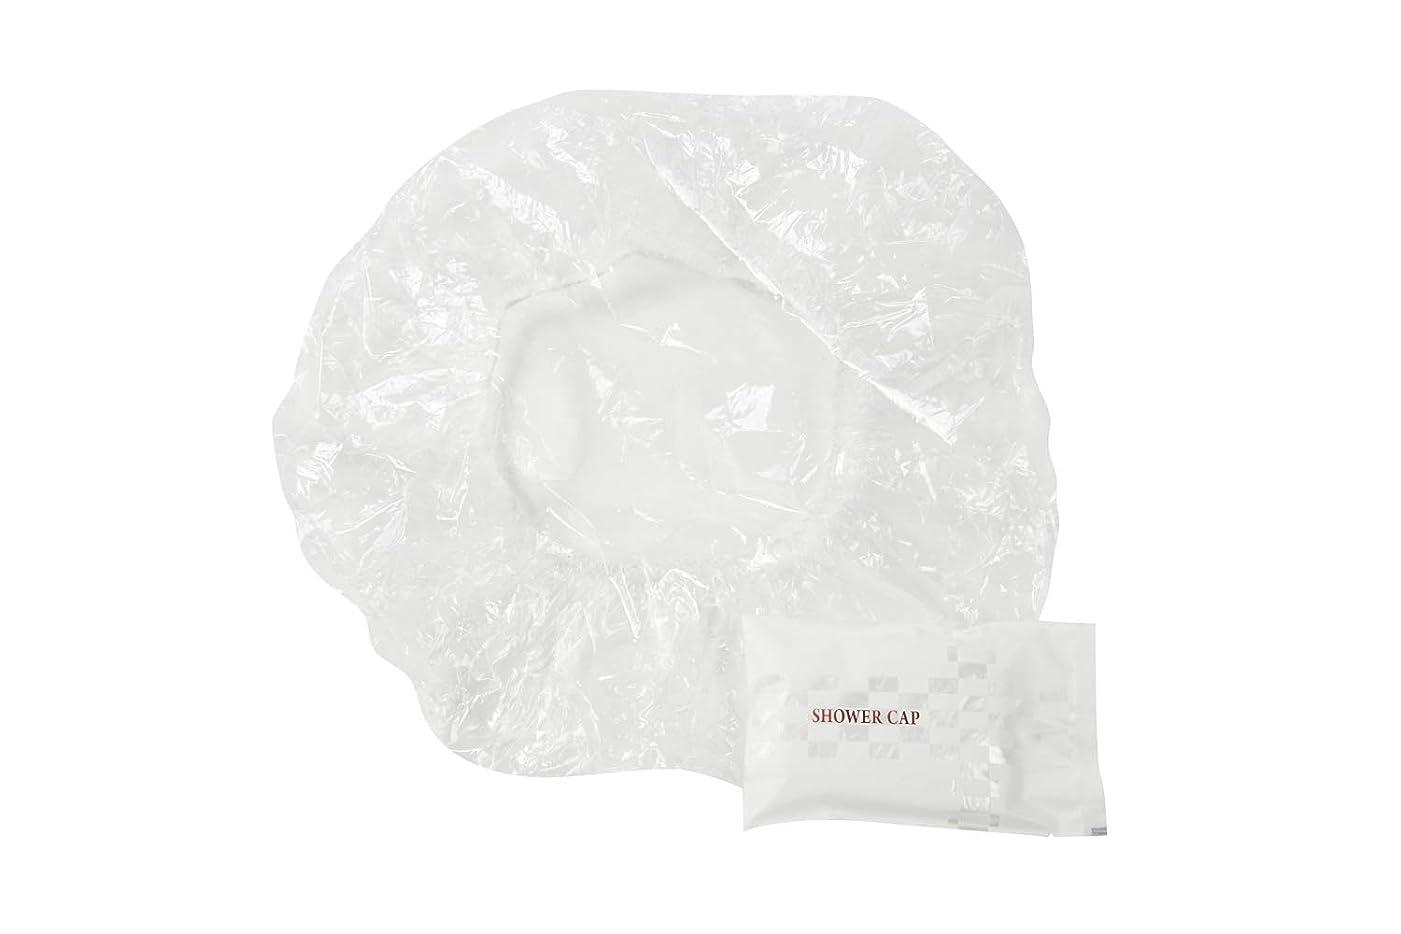 現像引き渡すすばらしいですラティス シャワーキャップ 業務用 個別包装 500入り 使い捨てキャップ